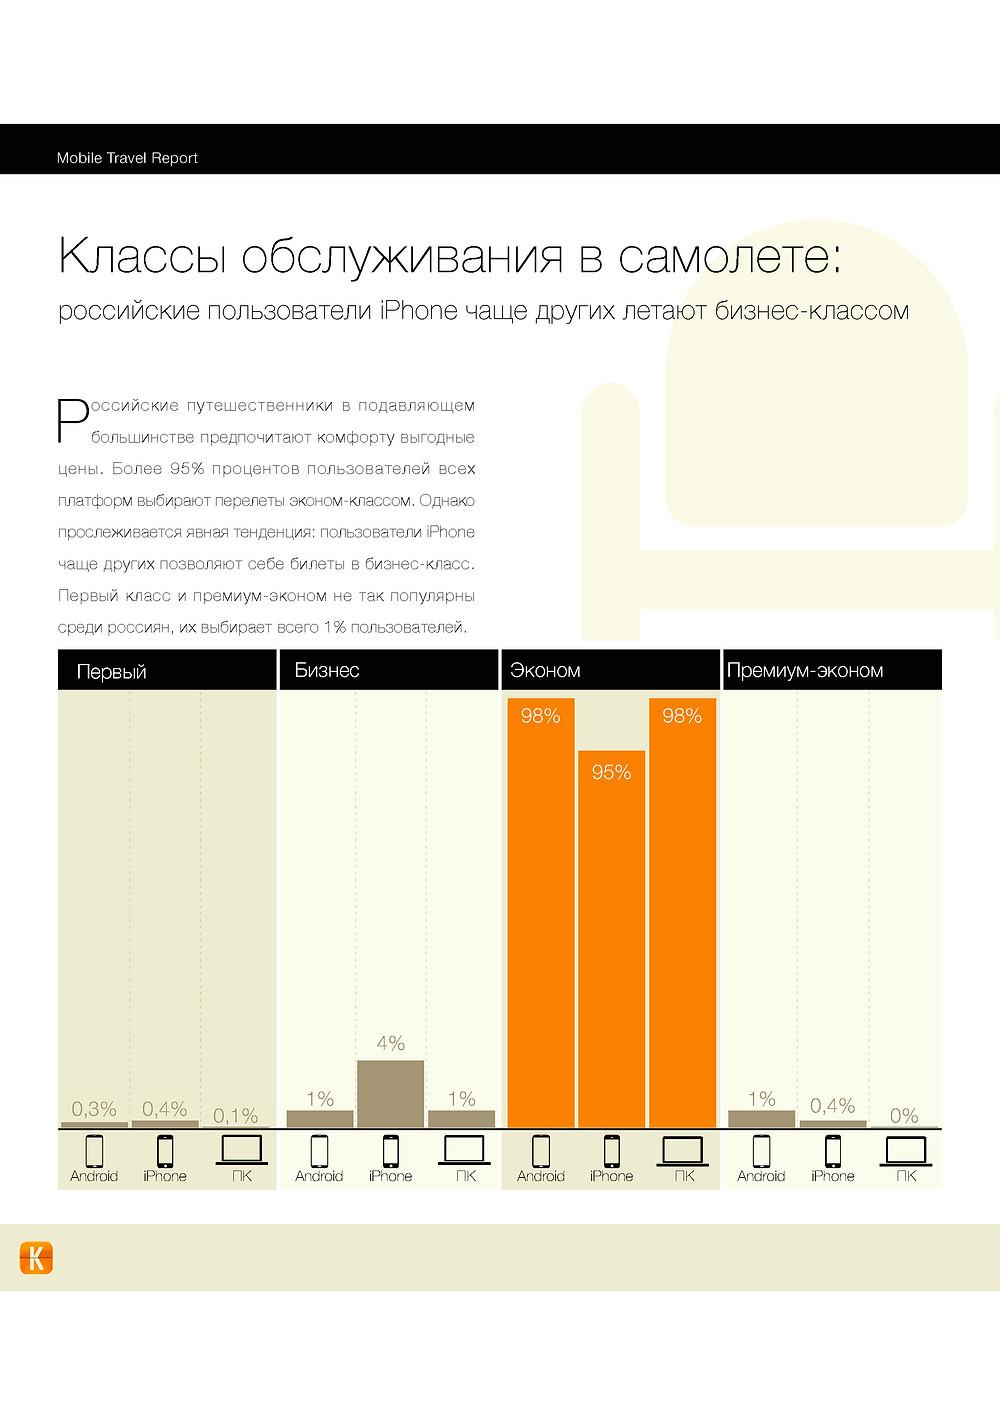 MobileTravelReport_Инфографика-6.jpg